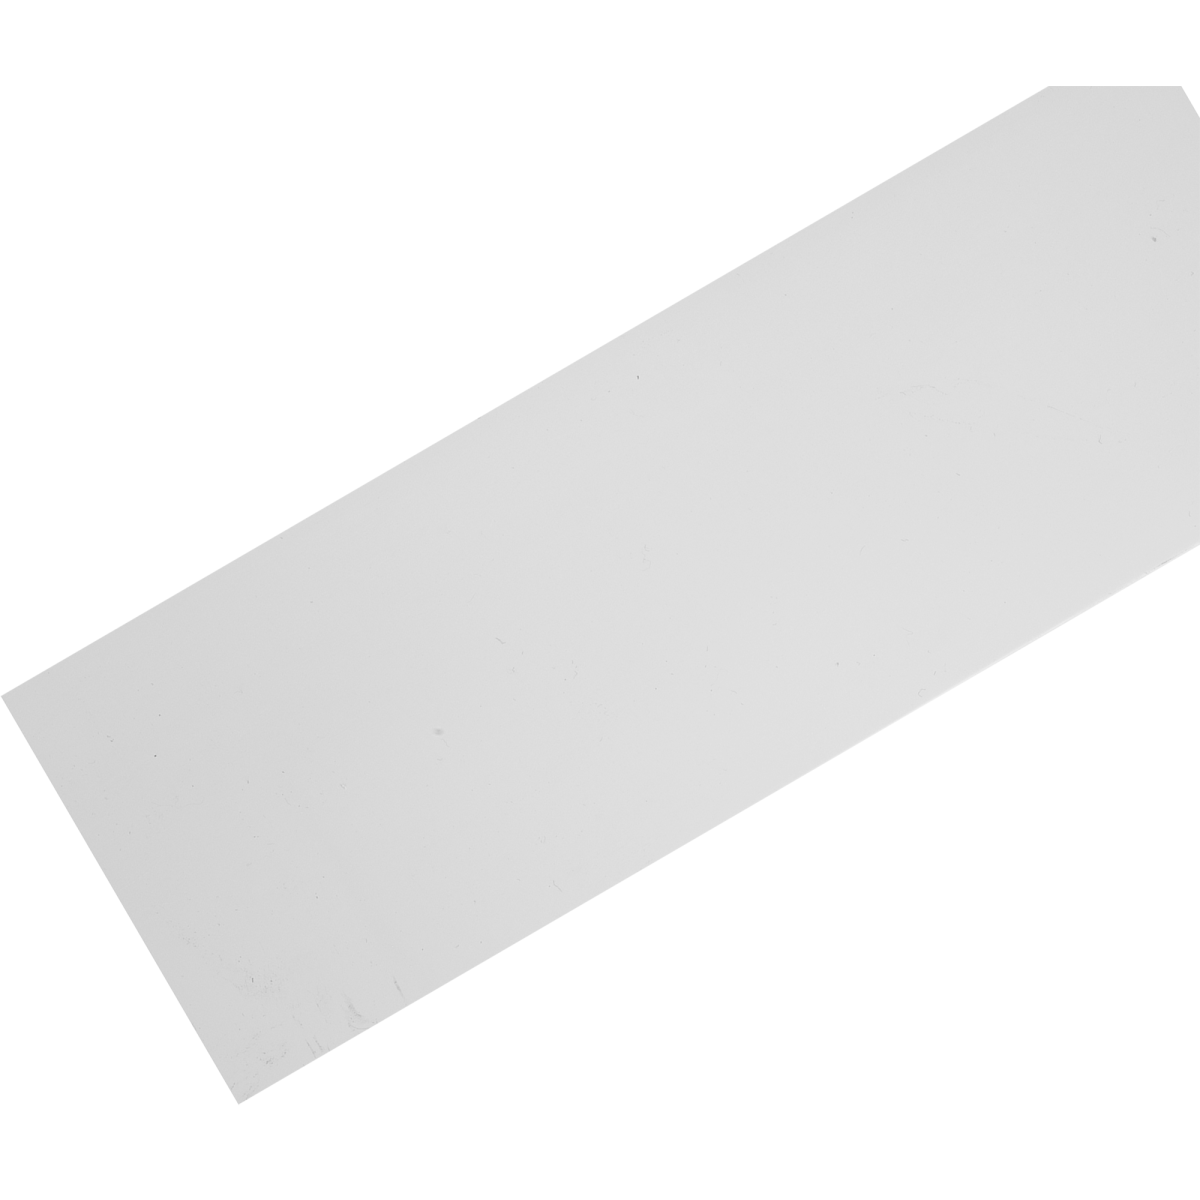 Бленда 75 см пластик цвет белый глянец